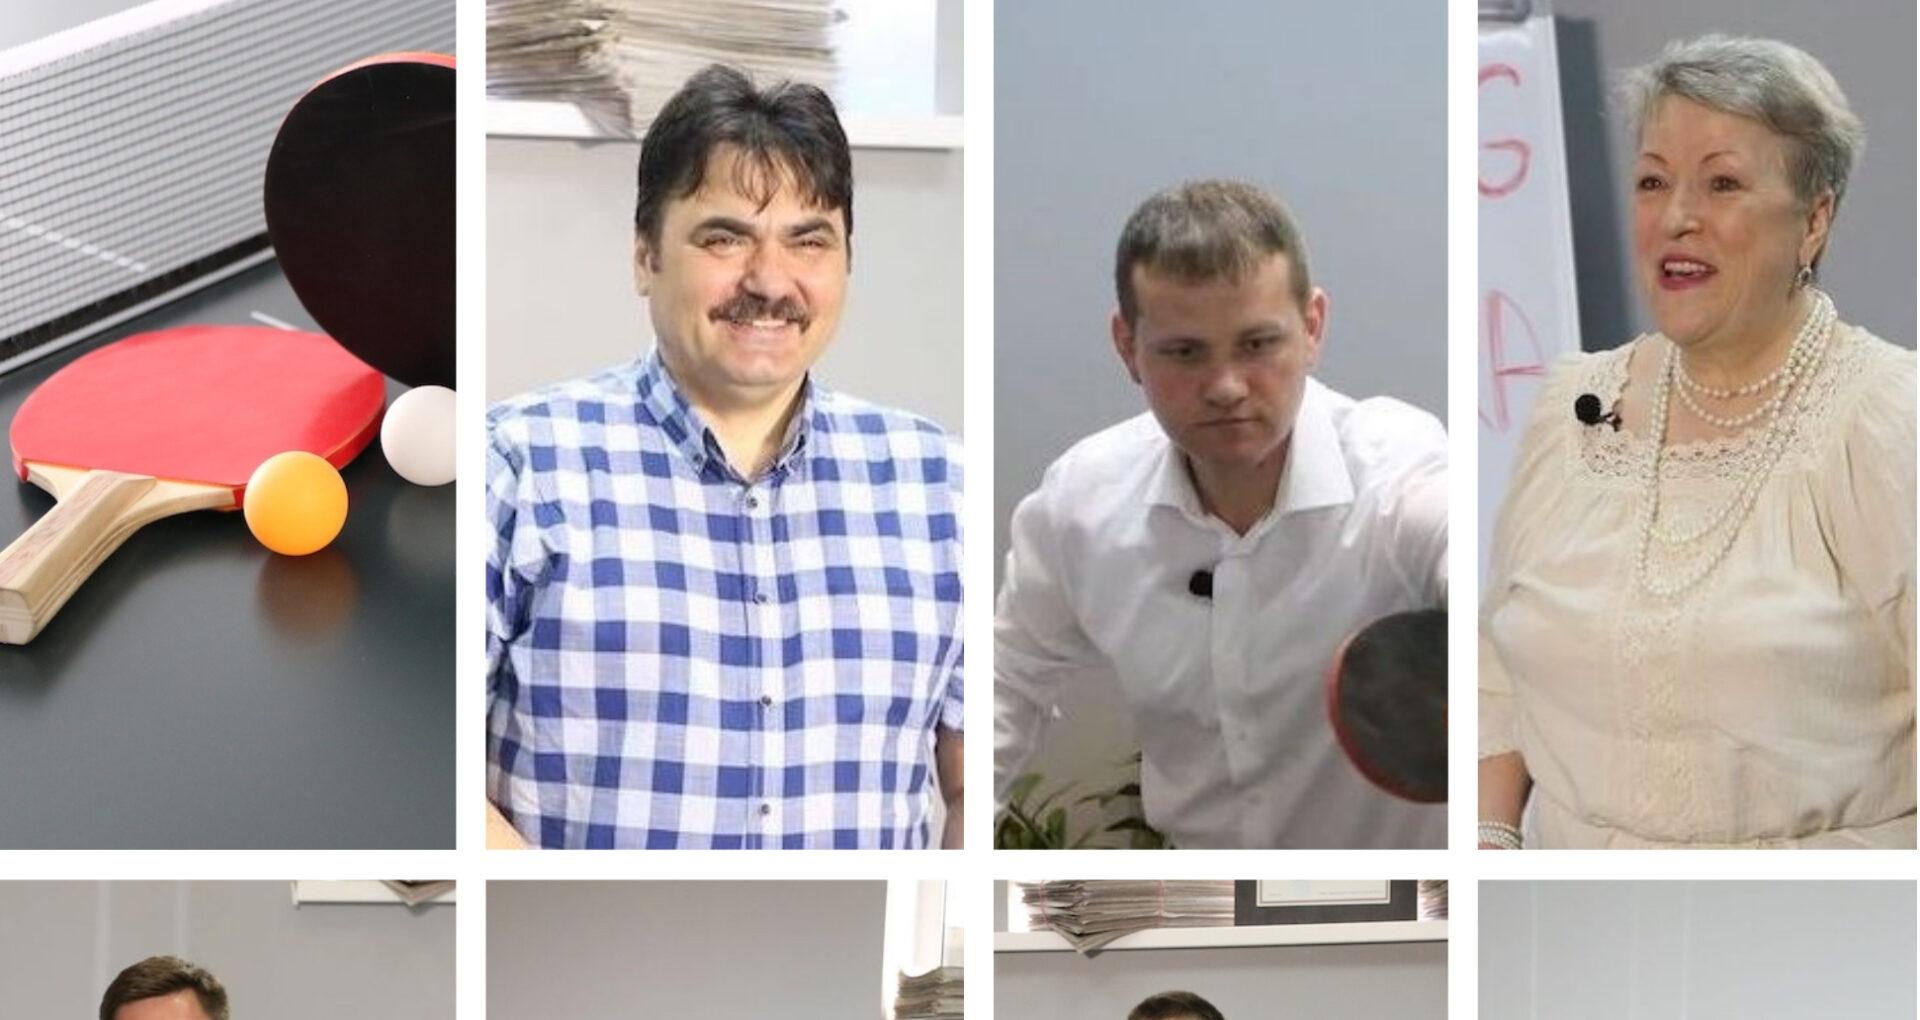 (video) Când au mințit ultima dată și ce (nu) știu despre Chișinău candidații la fotoliul de primar